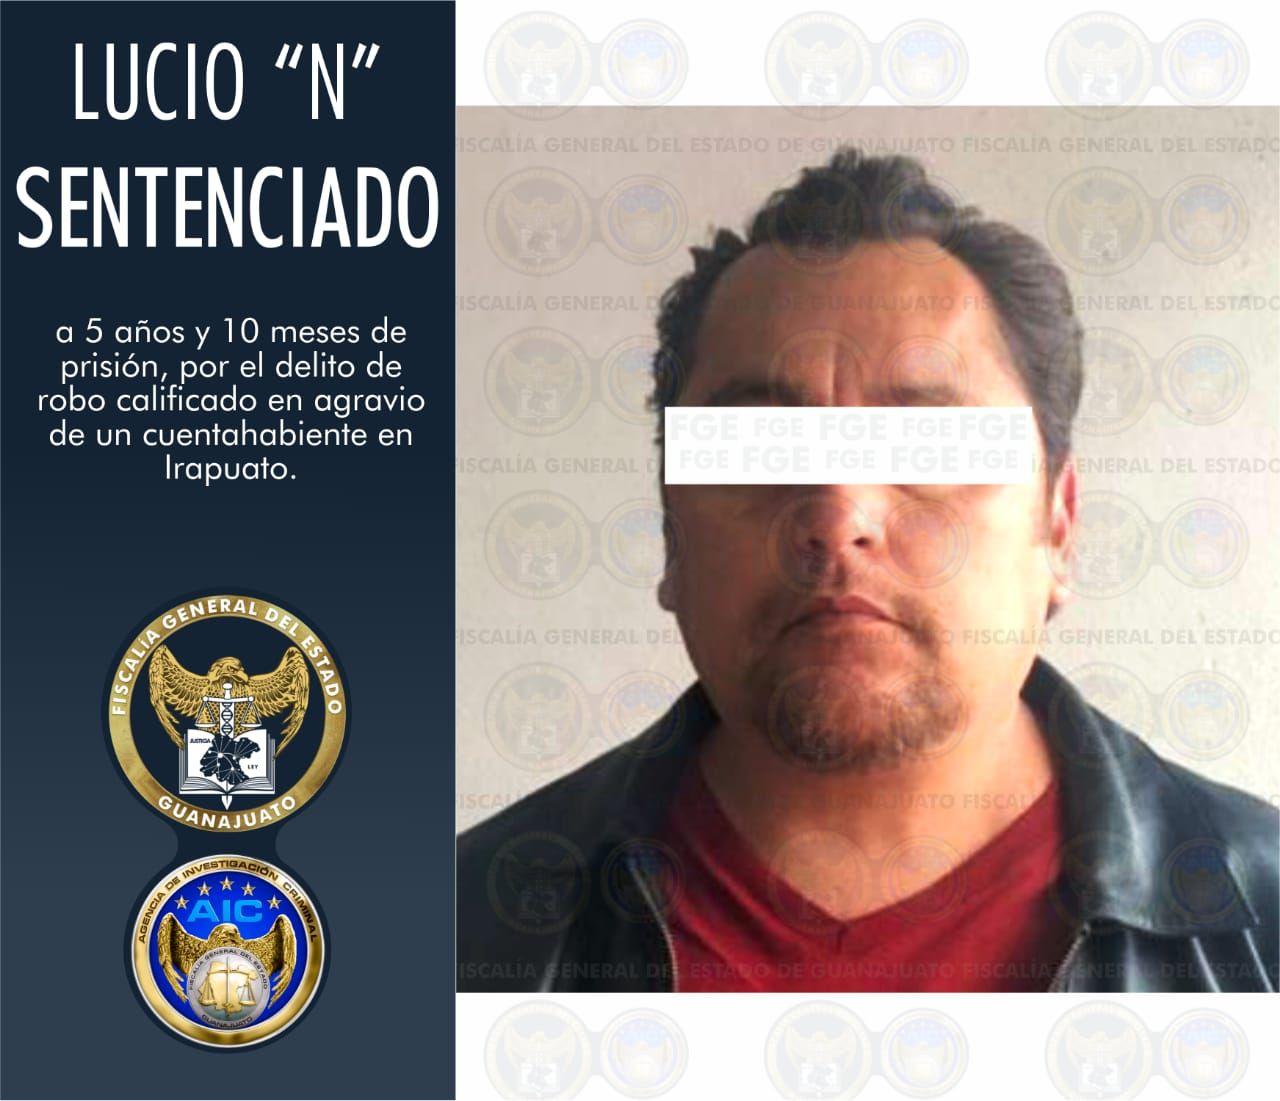 """La FGE obtiene condena de prisión para Lucio """"N"""", culpable de robo con violencia a un cuentahabiente en Irapuato. 4"""